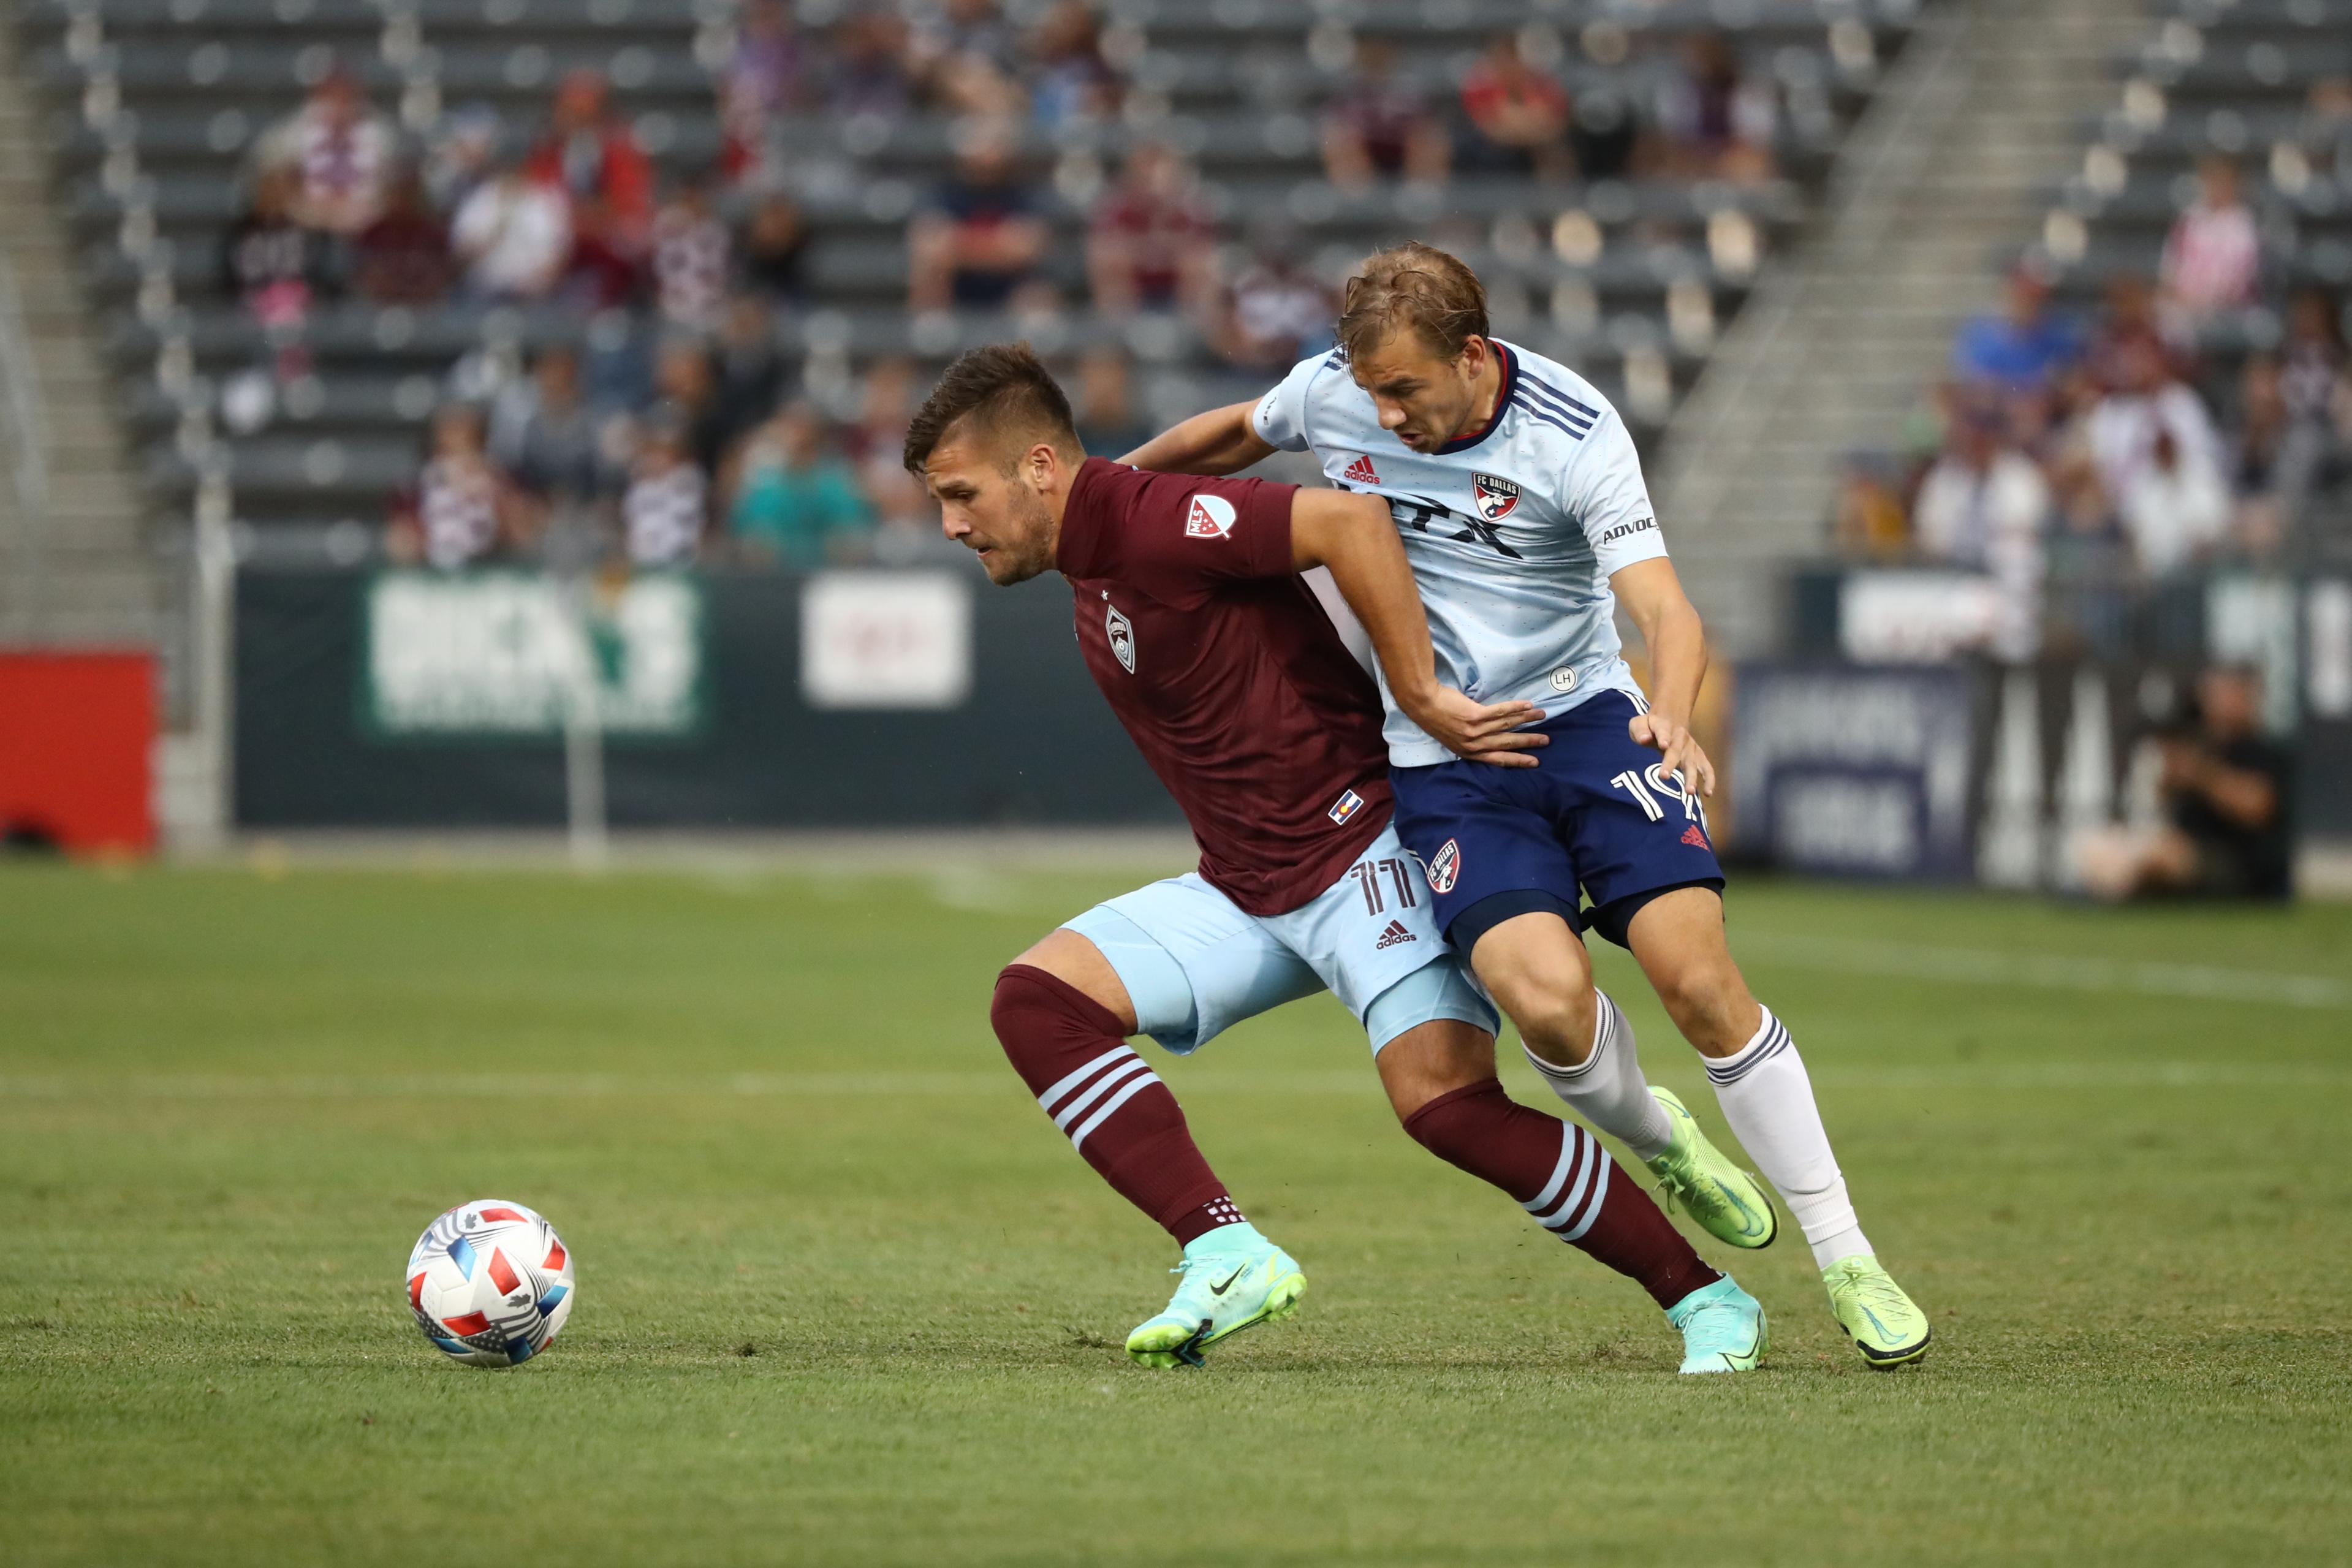 Colorado Rapids vs Sporting KC Prediction, 8/7/2021 MLS Soccer Pick, Tips and Odds